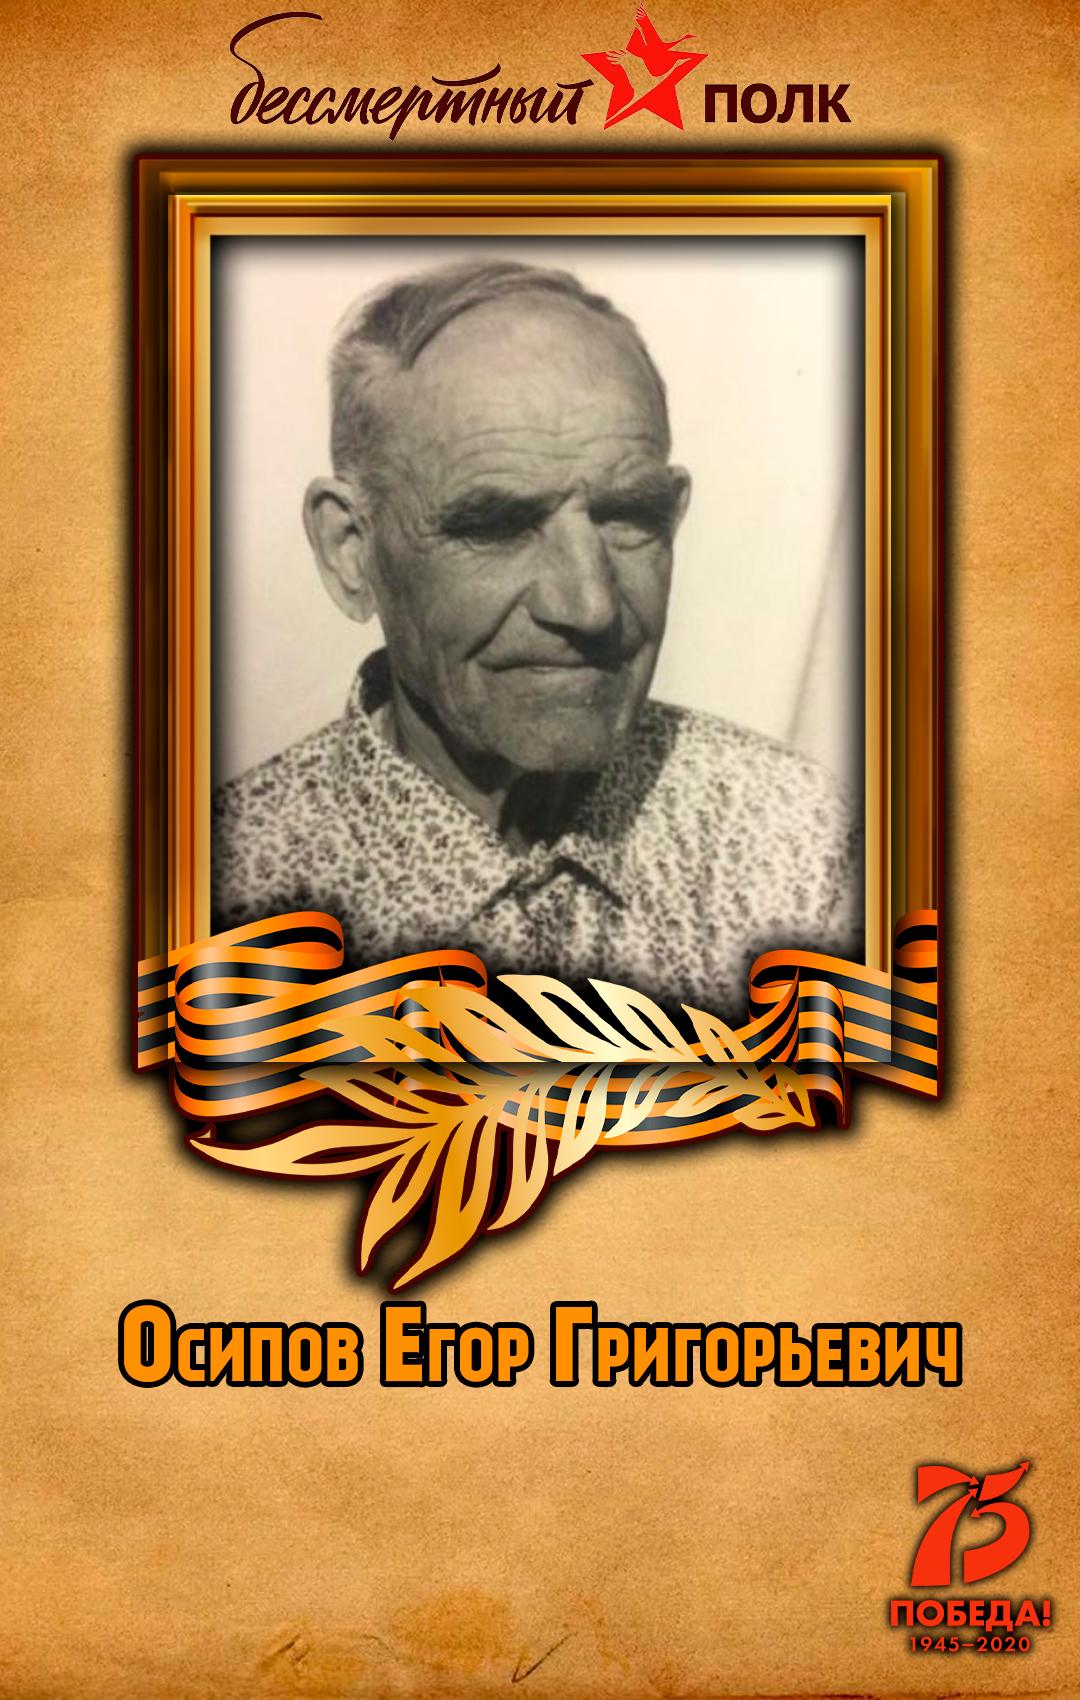 Осипов-Егор-Григорьевич